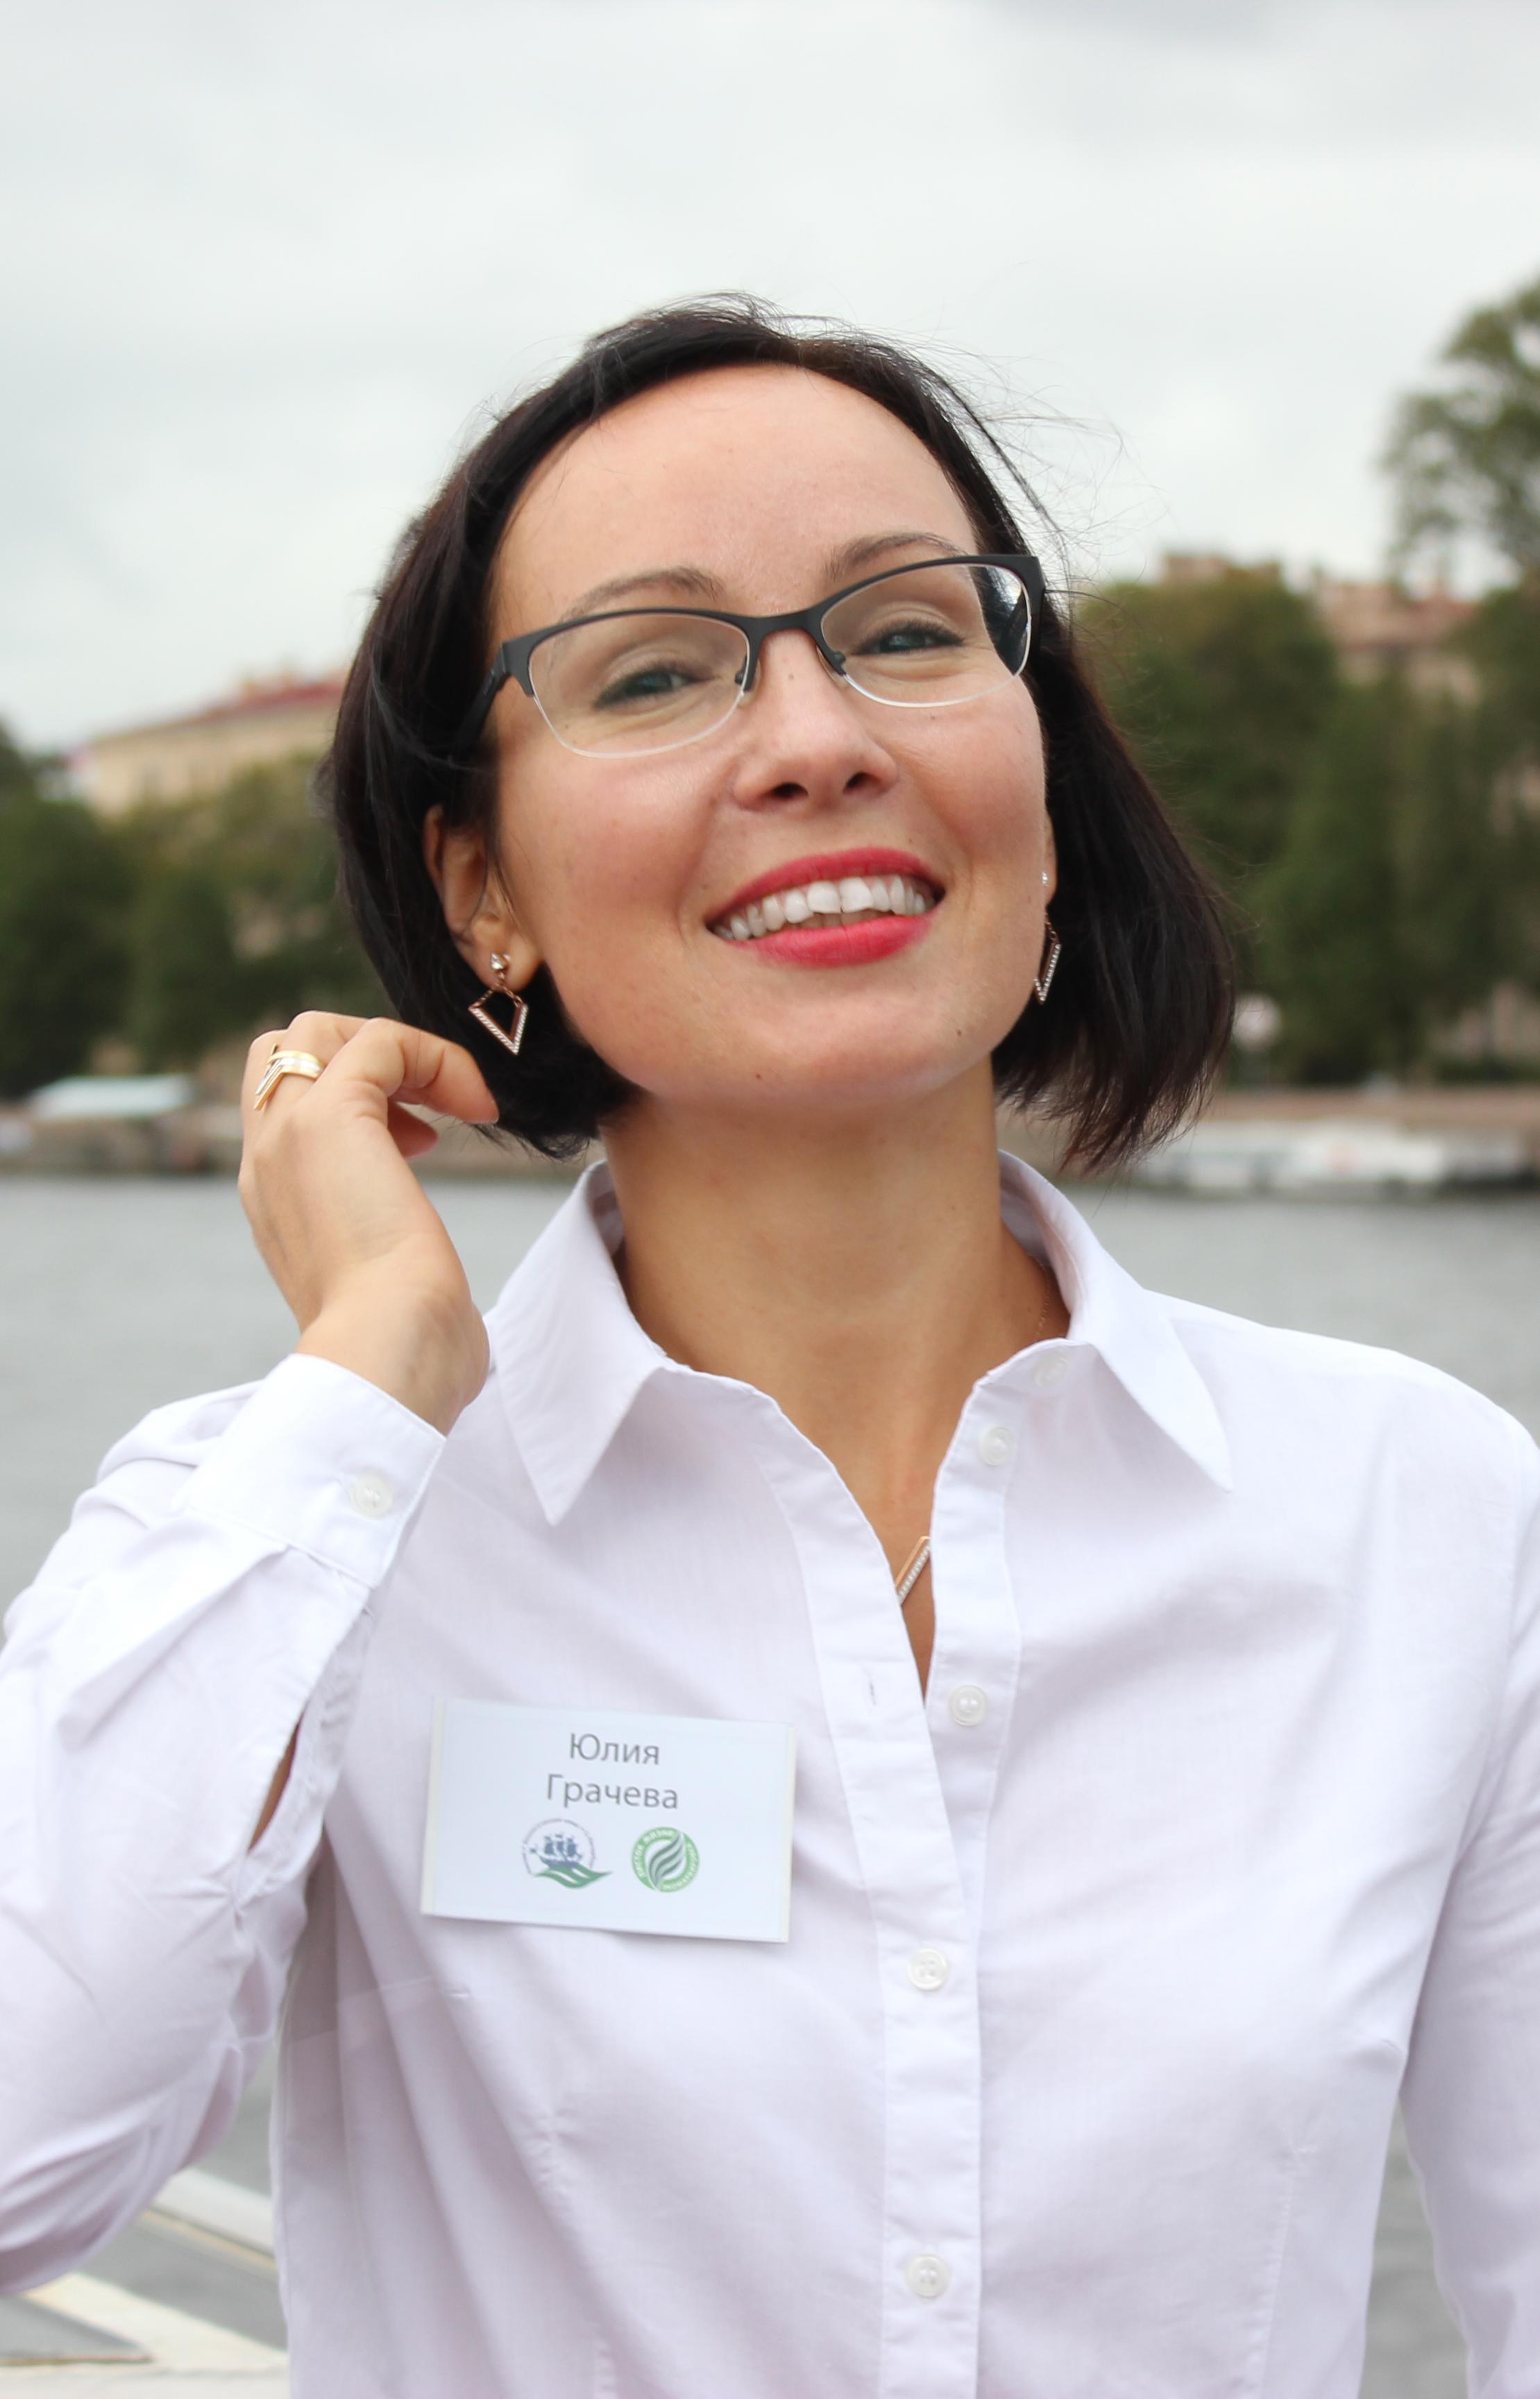 Юлия Грачева об экопотреблении, маркировках и о том, как правильно выбирать экотовары